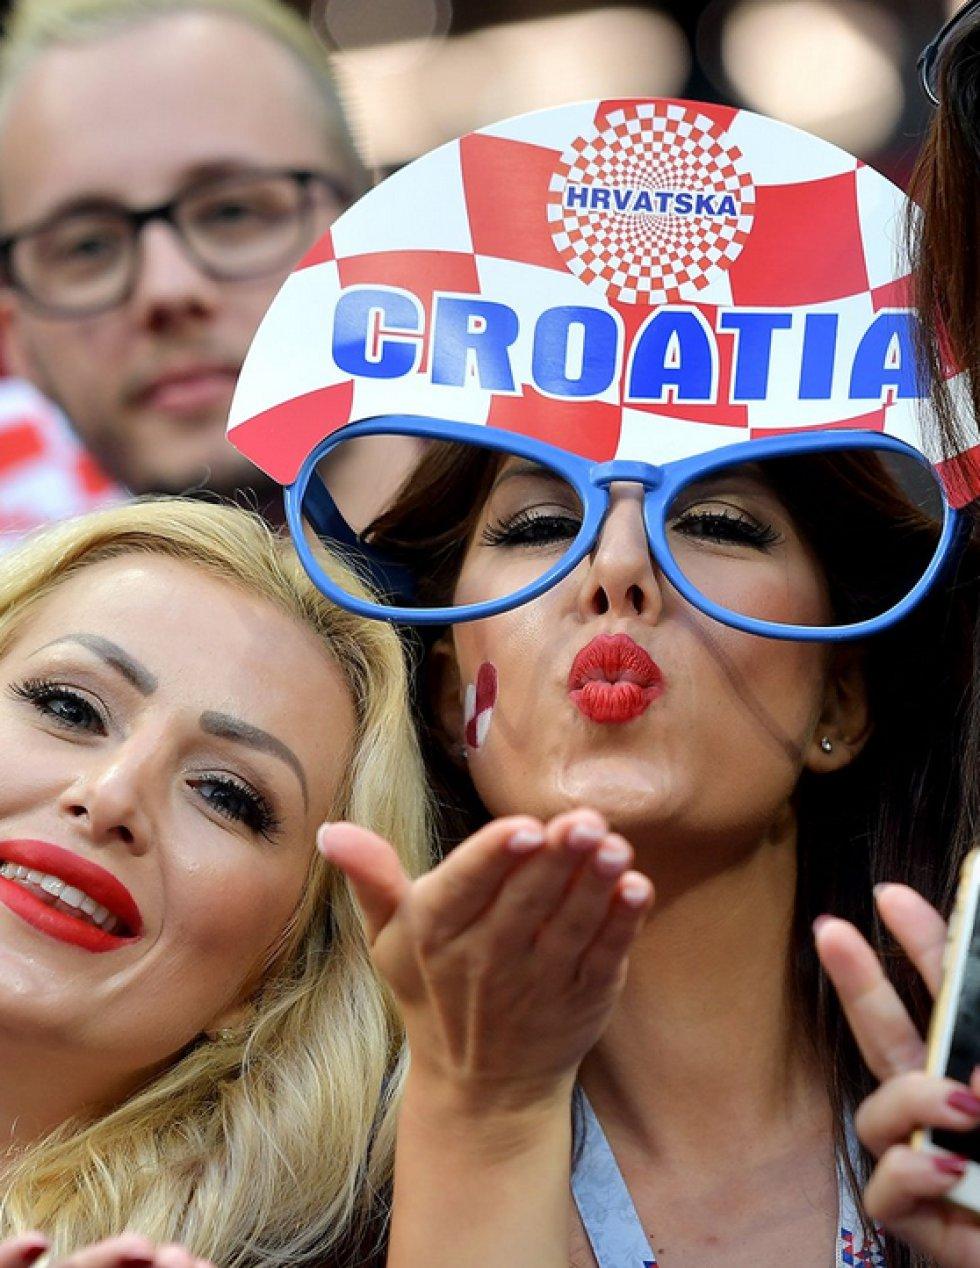 Croacia Rusia 2018, Rusabrosas: Croacia campeón del Mundo: En Belleza